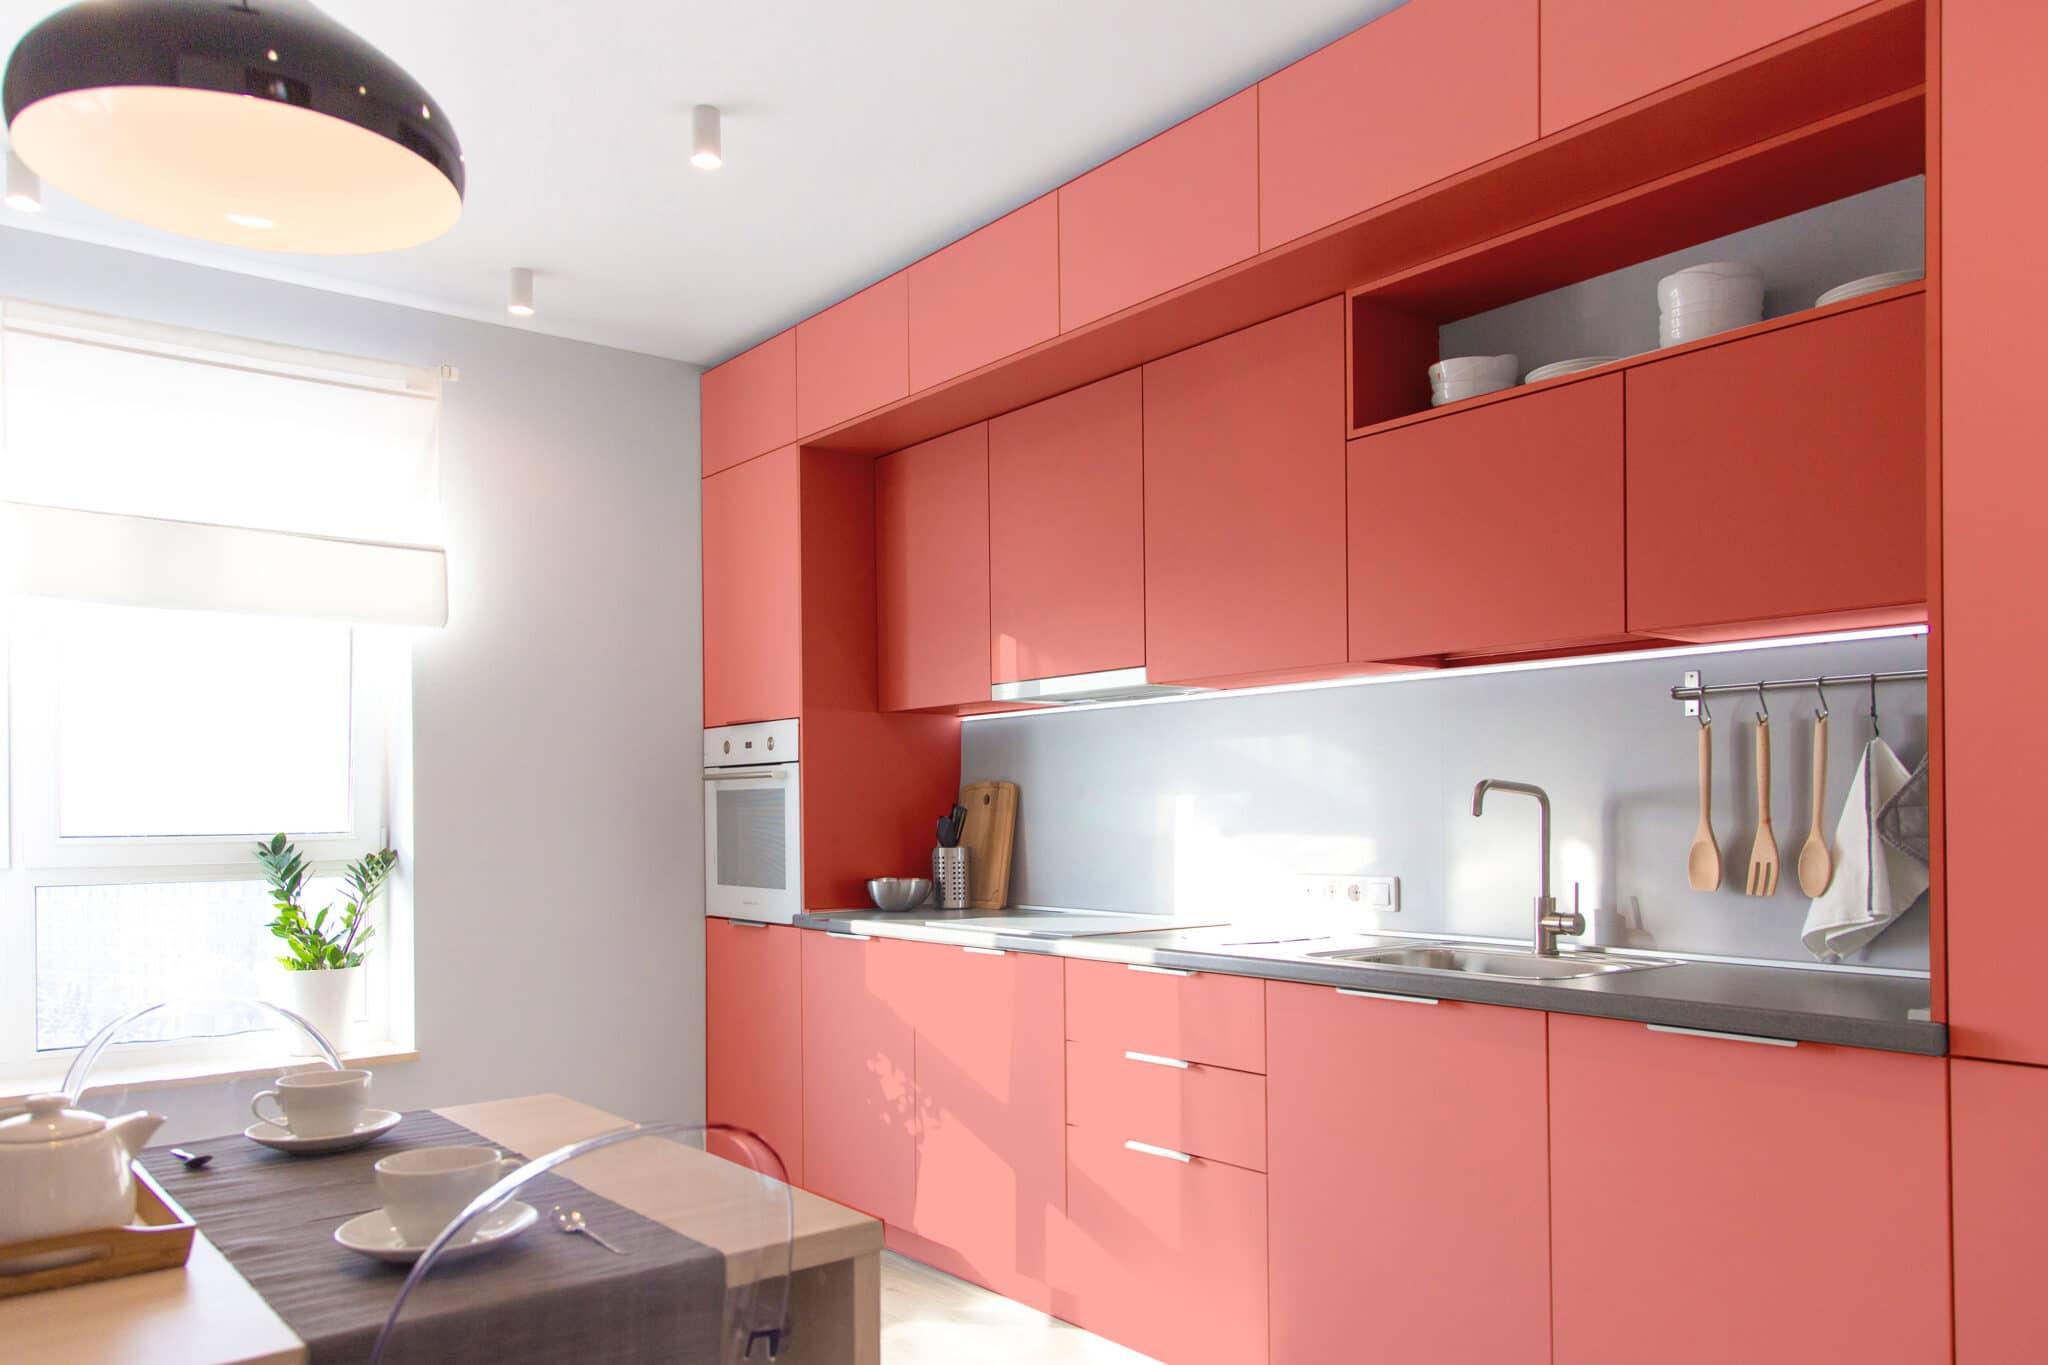 מטבחים מעץ מעצבי השיש במטבחים אשר יודעים לתת שירות טוב עם רישיון והסמכה ומומחים להקמת אי במטבח מכל חומר בד בבד התקנת חיבור גז תיקני במטבח